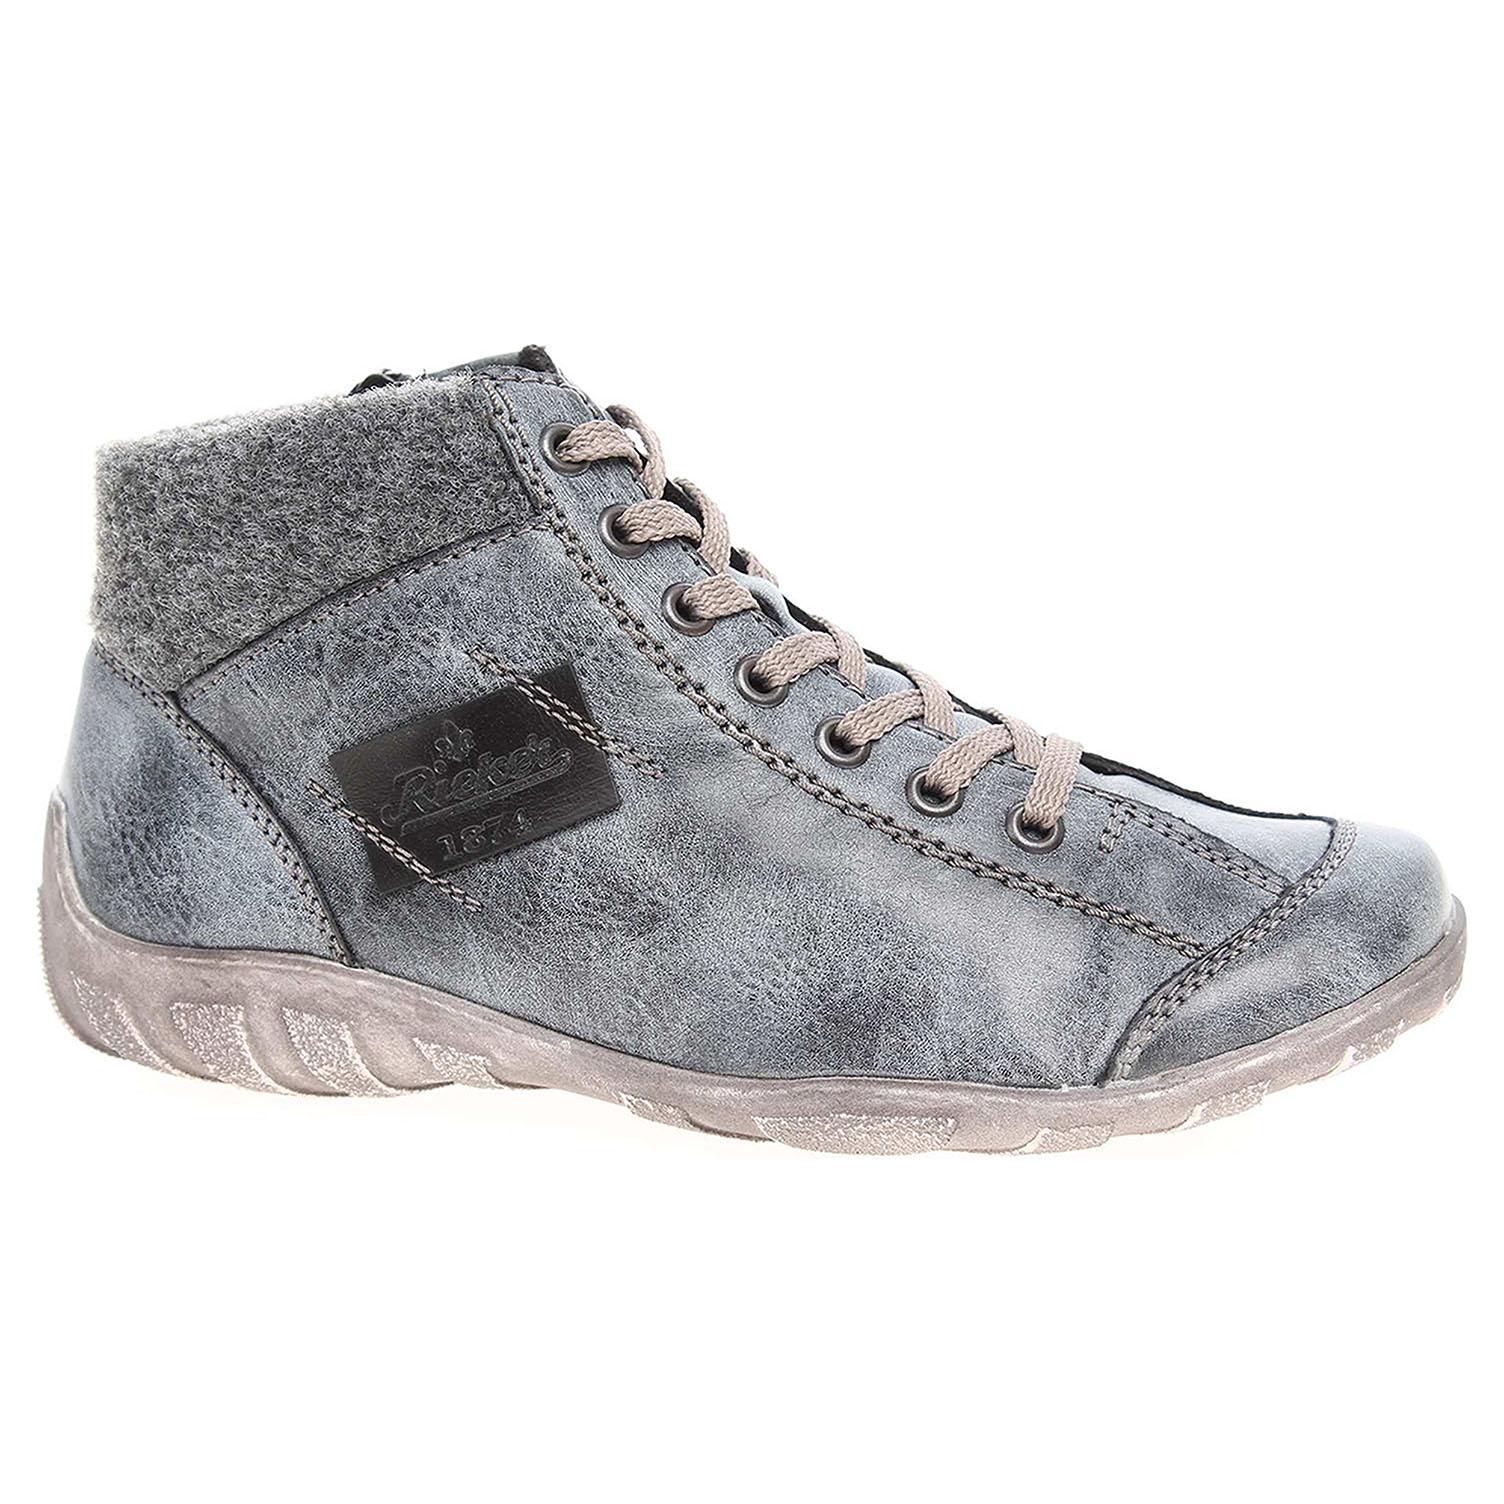 50a31ee84 Dámska členkové topánky Rieker L6540-14 modré   REJNOK obuv